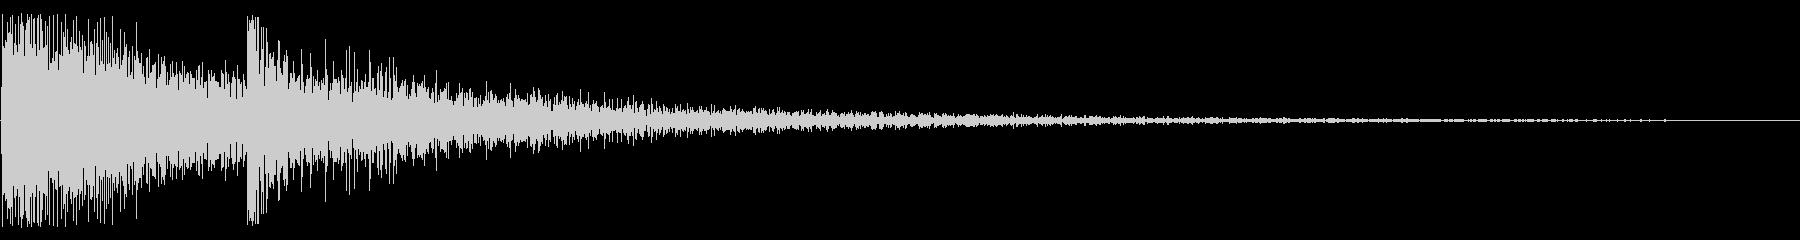 ピコン テレン ピロン 上昇 トイピアノの未再生の波形